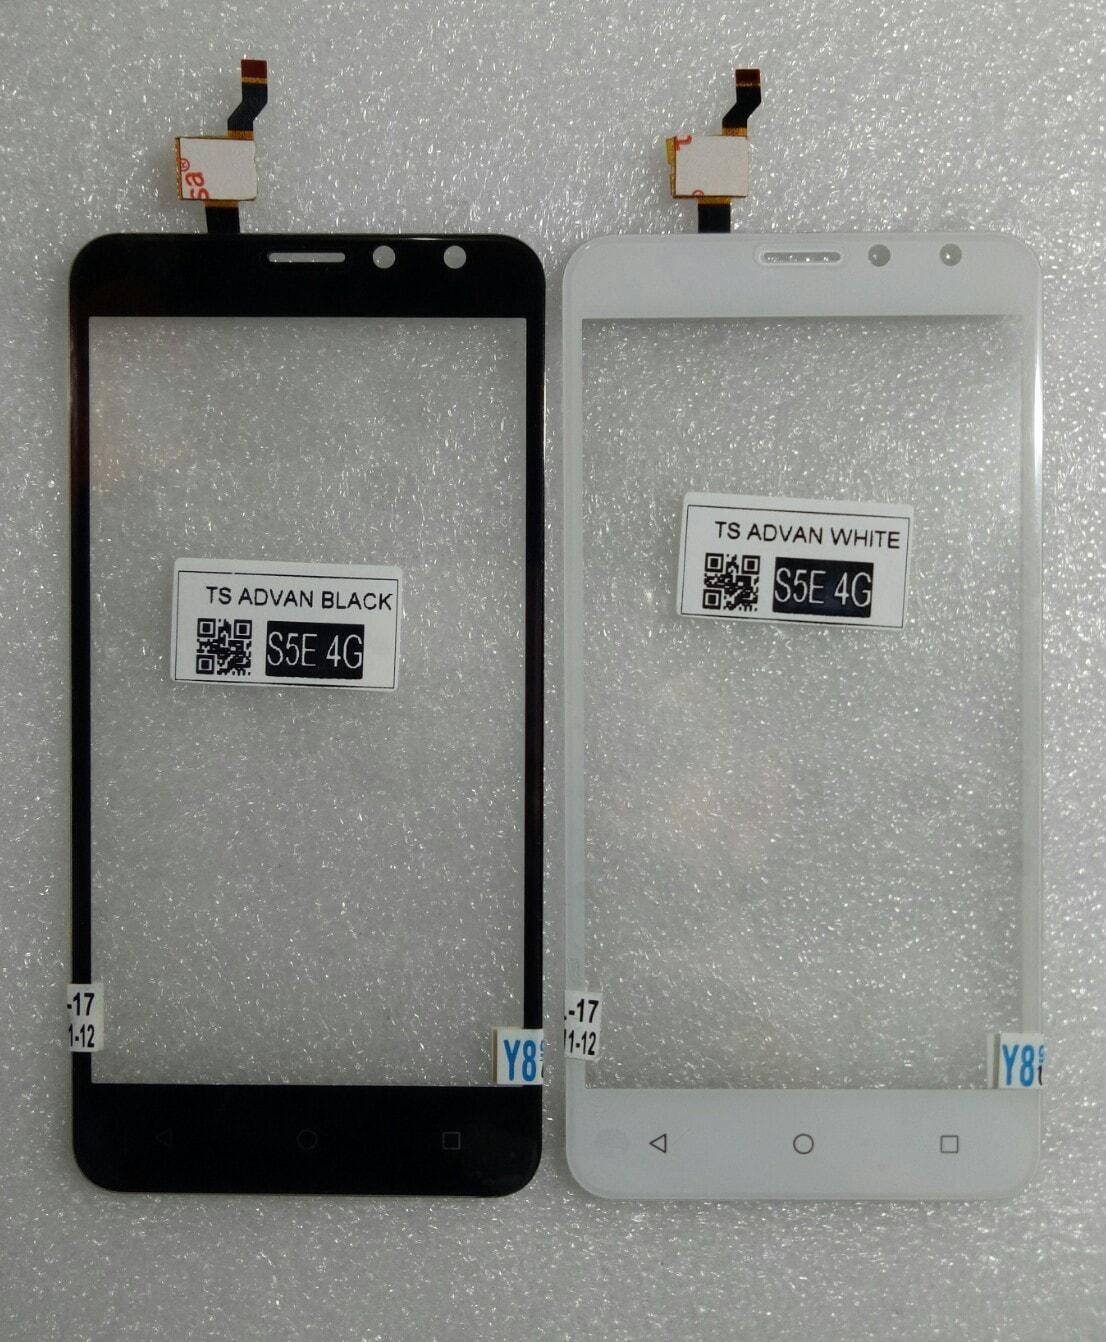 Kelebihan Touchscreen Advan S4x Putih Terkini Daftar Harga Dan Lcd S4p S5e 4g Genzatronik